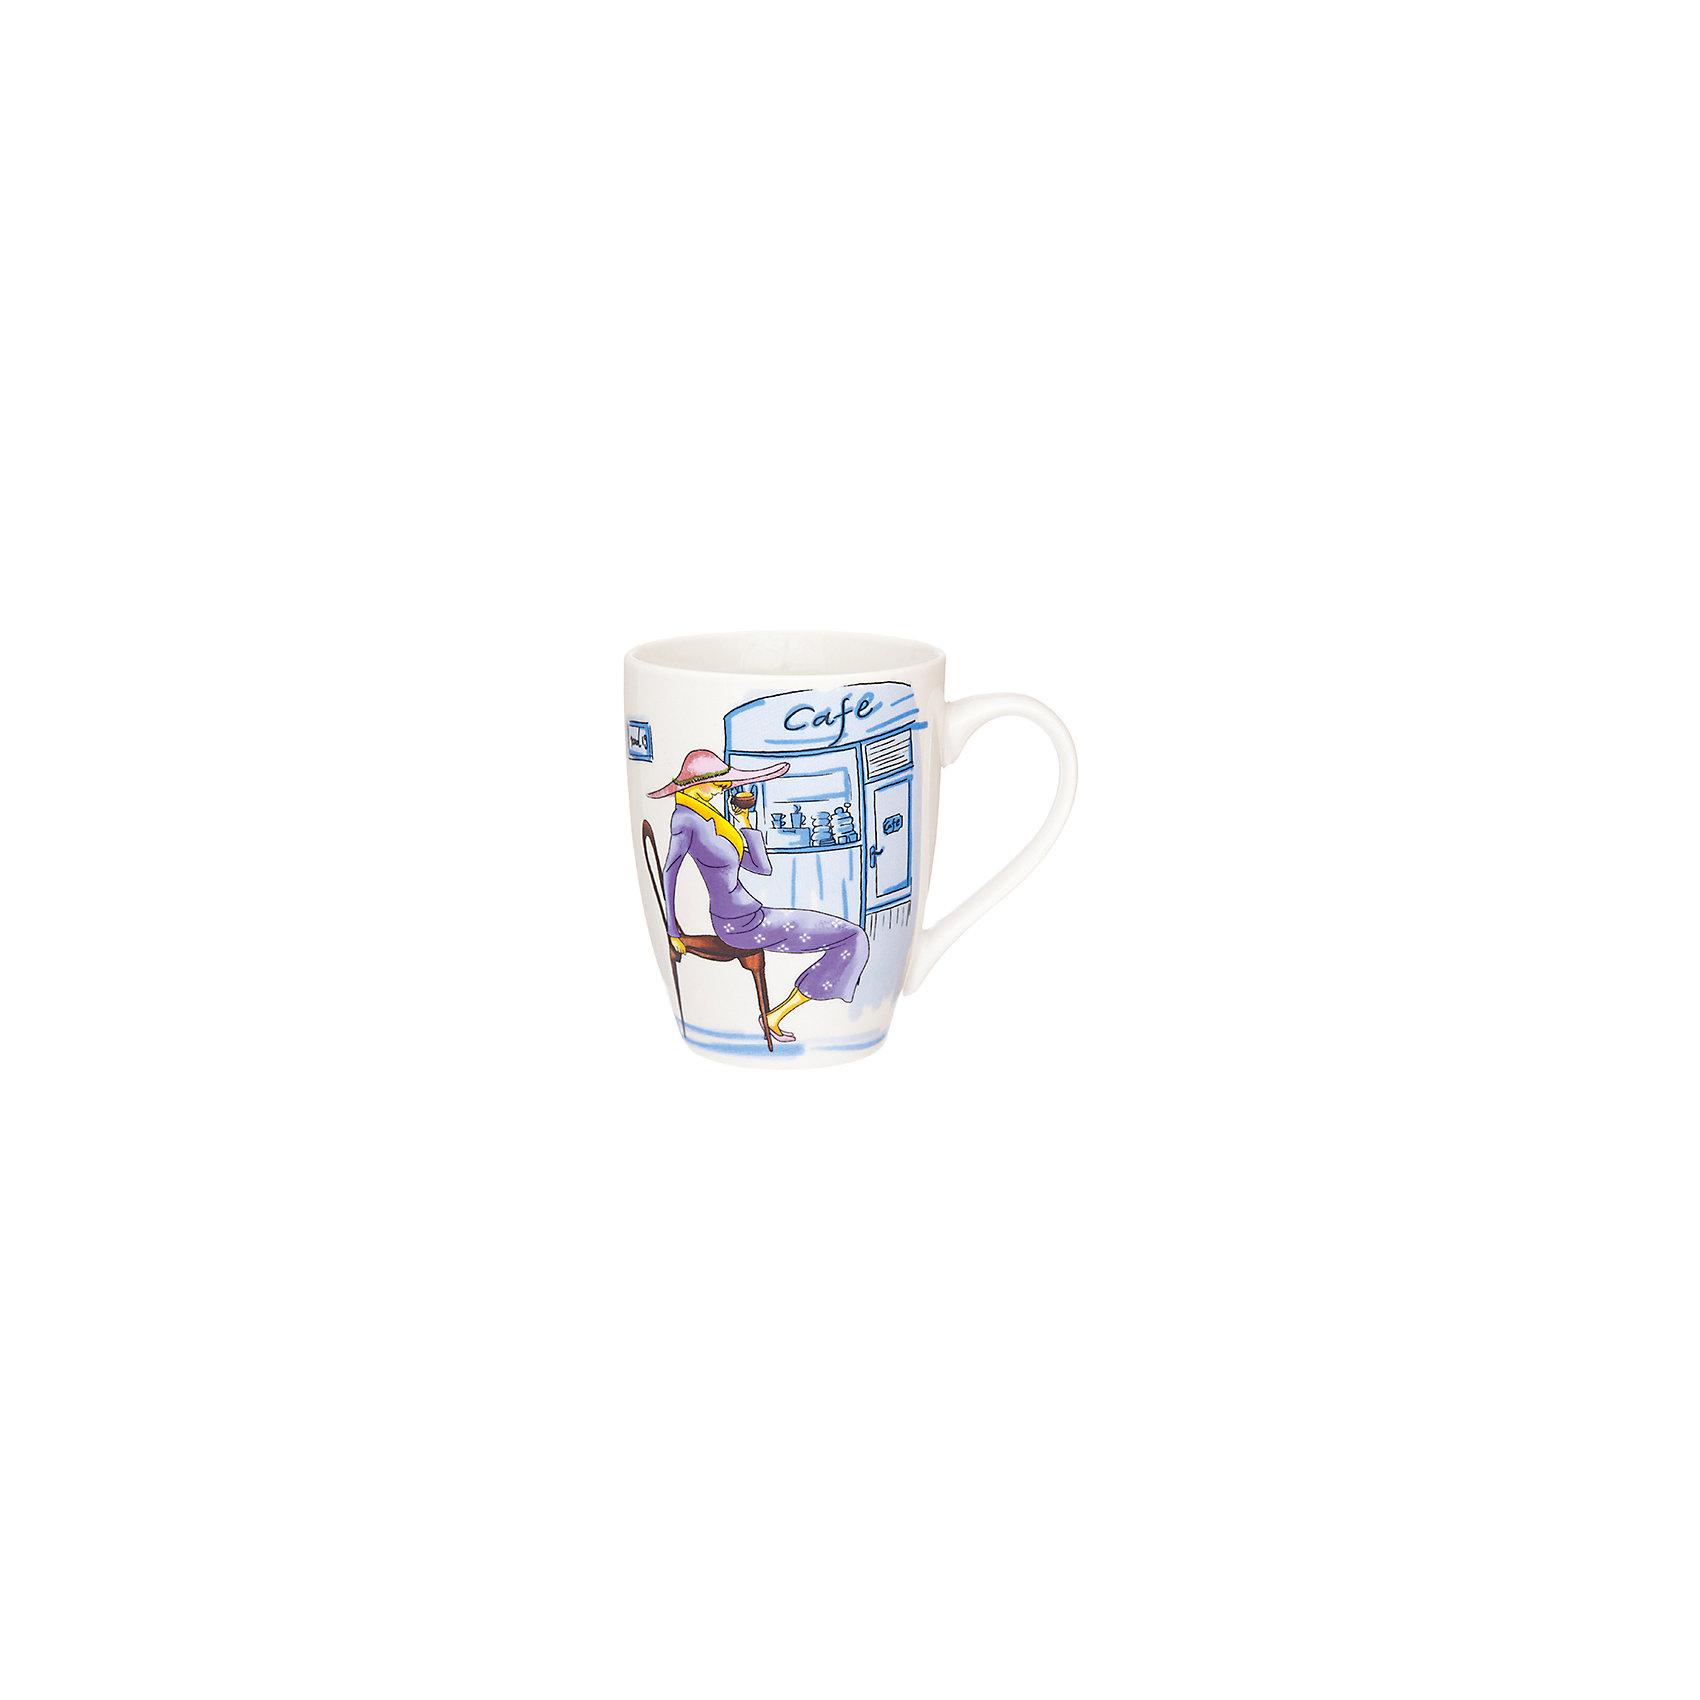 Кружка 370 мл Модница фиолетовая, Elan GalleryПосуда<br>Кружка 370 мл  Elan Gallery 11,5*8*10 см. Модница фиолетовая, Elan Gallery Кружка классической формы объемом 370 мл с удобной ручкой. Подходят для любых горячих и холодных напитков, чая, кофе, какао. Изделие имеет подарочную упаковку, поэтому станет желанным подарком для Ваших близких! Не рекомендуется применять абразивные моющие средства.<br><br>Ширина мм: 103<br>Глубина мм: 86<br>Высота мм: 107<br>Вес г: 267<br>Возраст от месяцев: 0<br>Возраст до месяцев: 1188<br>Пол: Унисекс<br>Возраст: Детский<br>SKU: 6668863